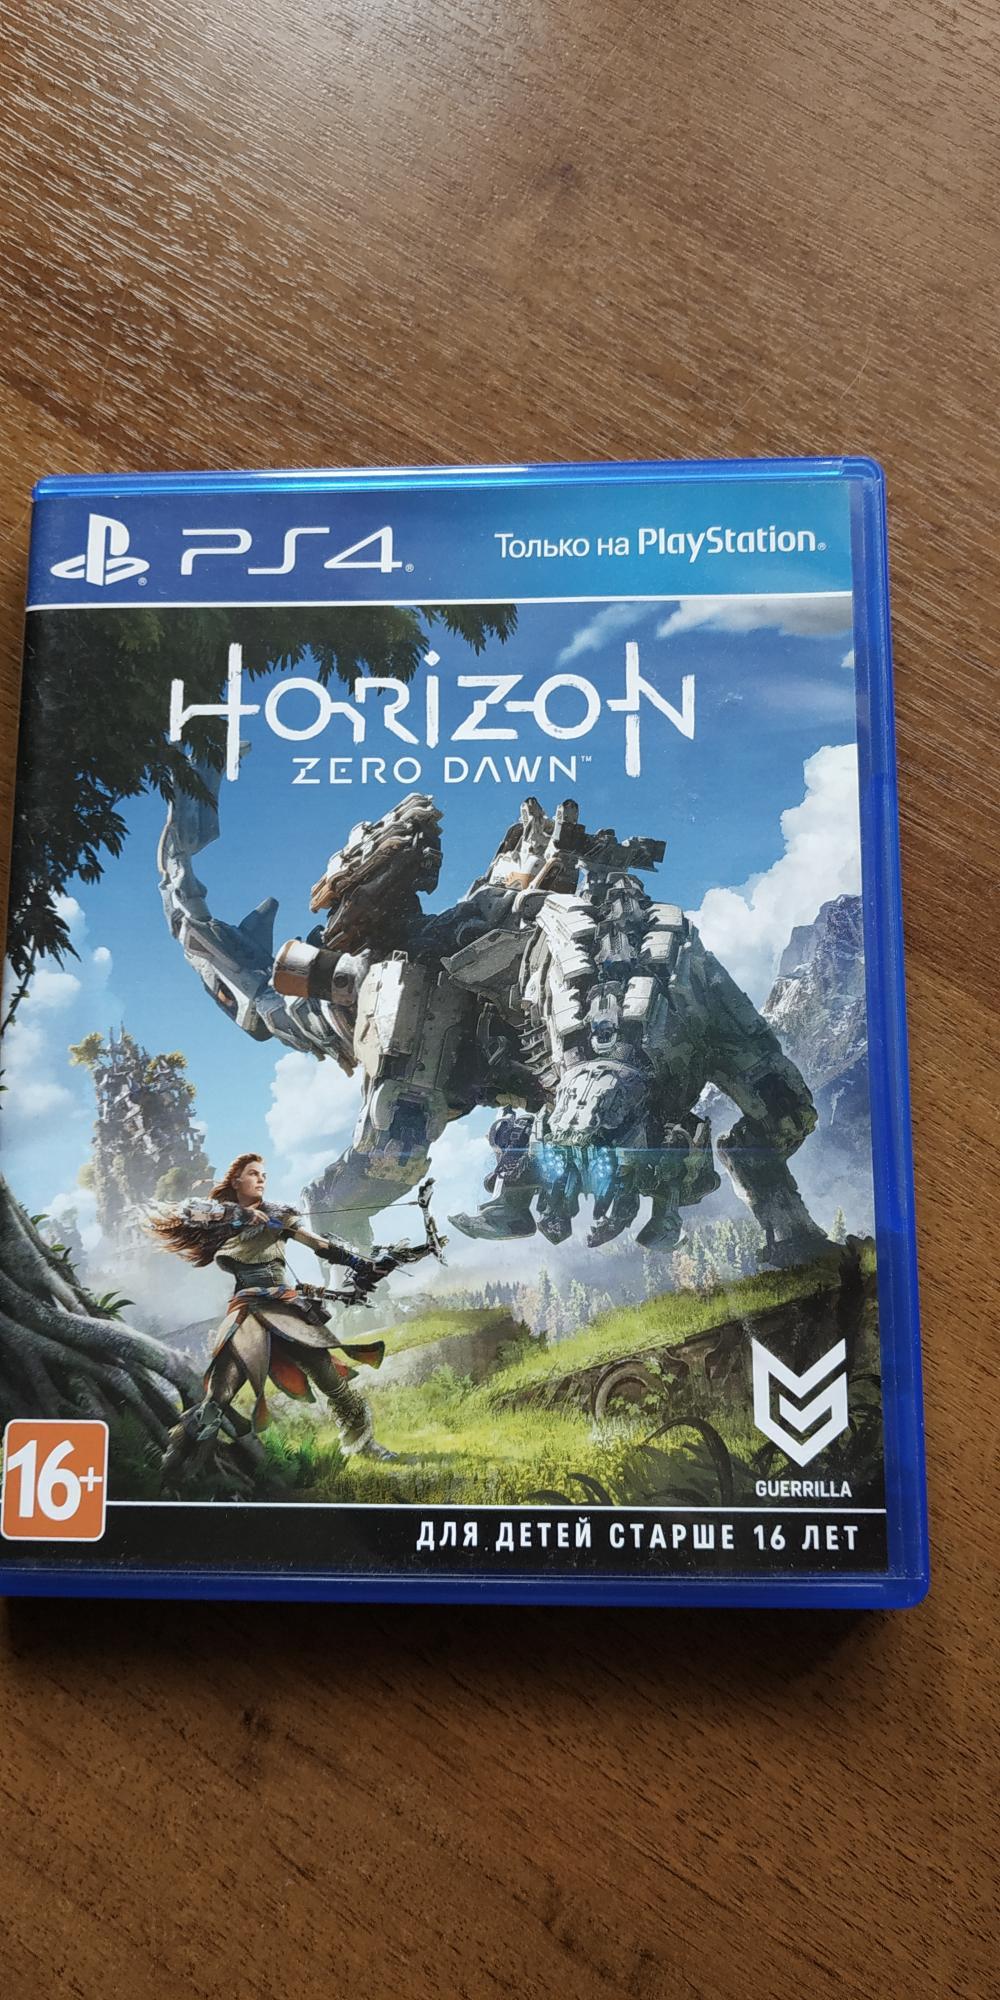 Продам диск для PlayStation 4 в Балашихе 89851211096 купить 1